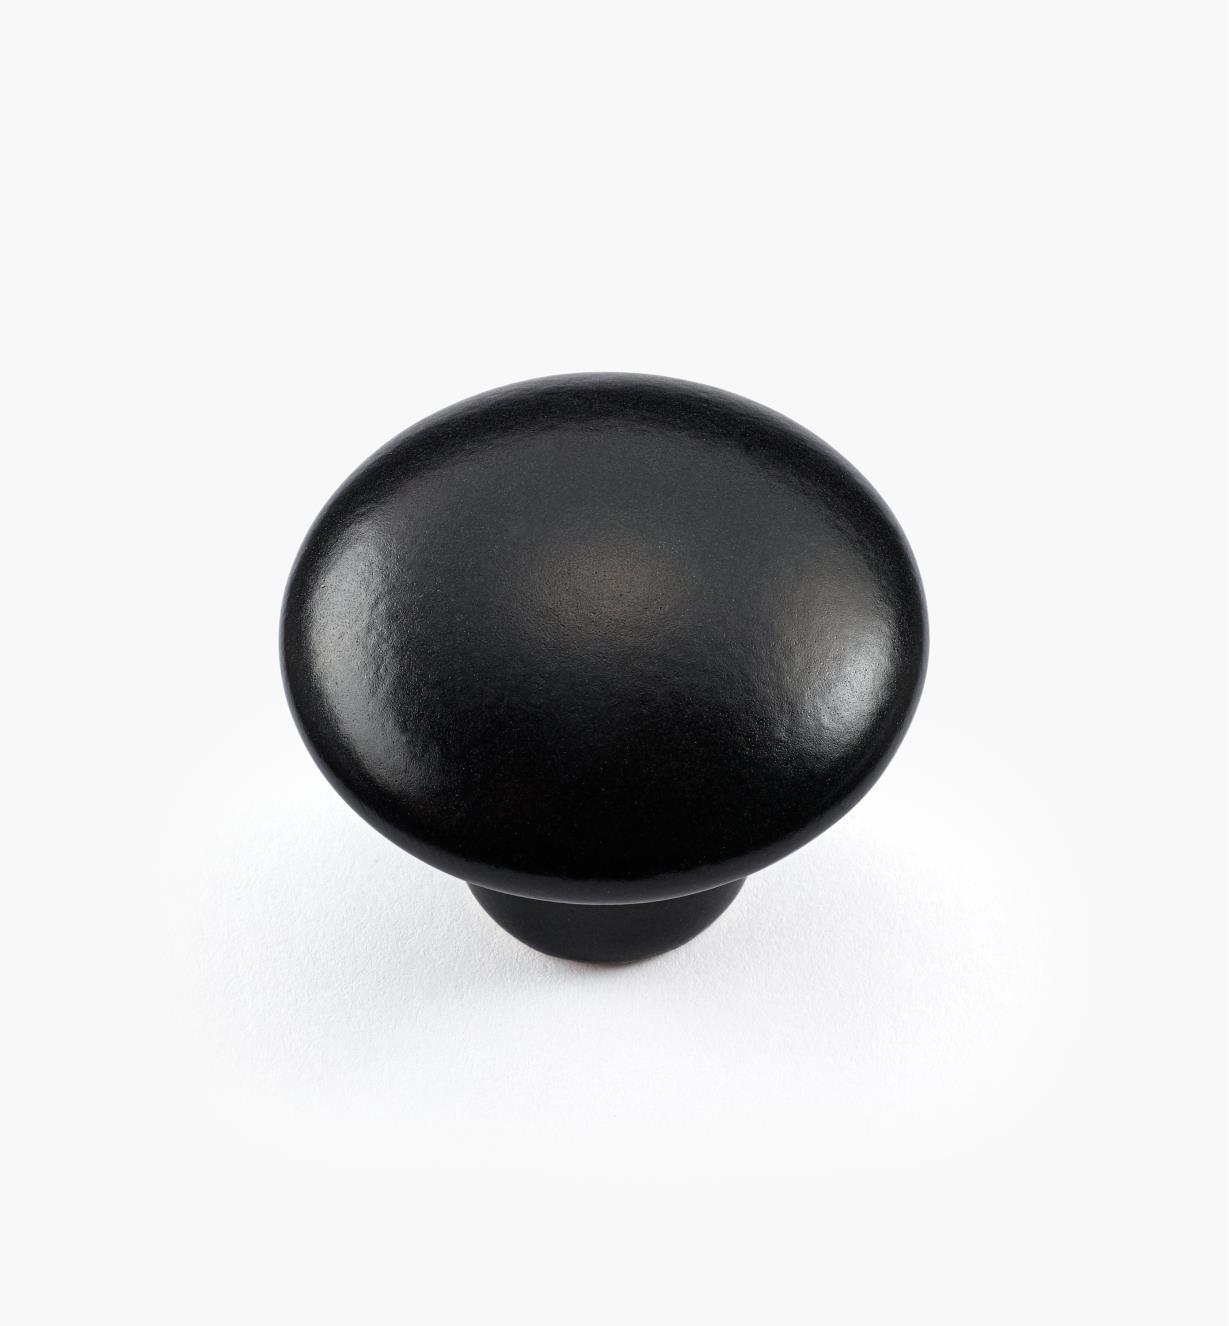 00W5284 - Matte Black Knob